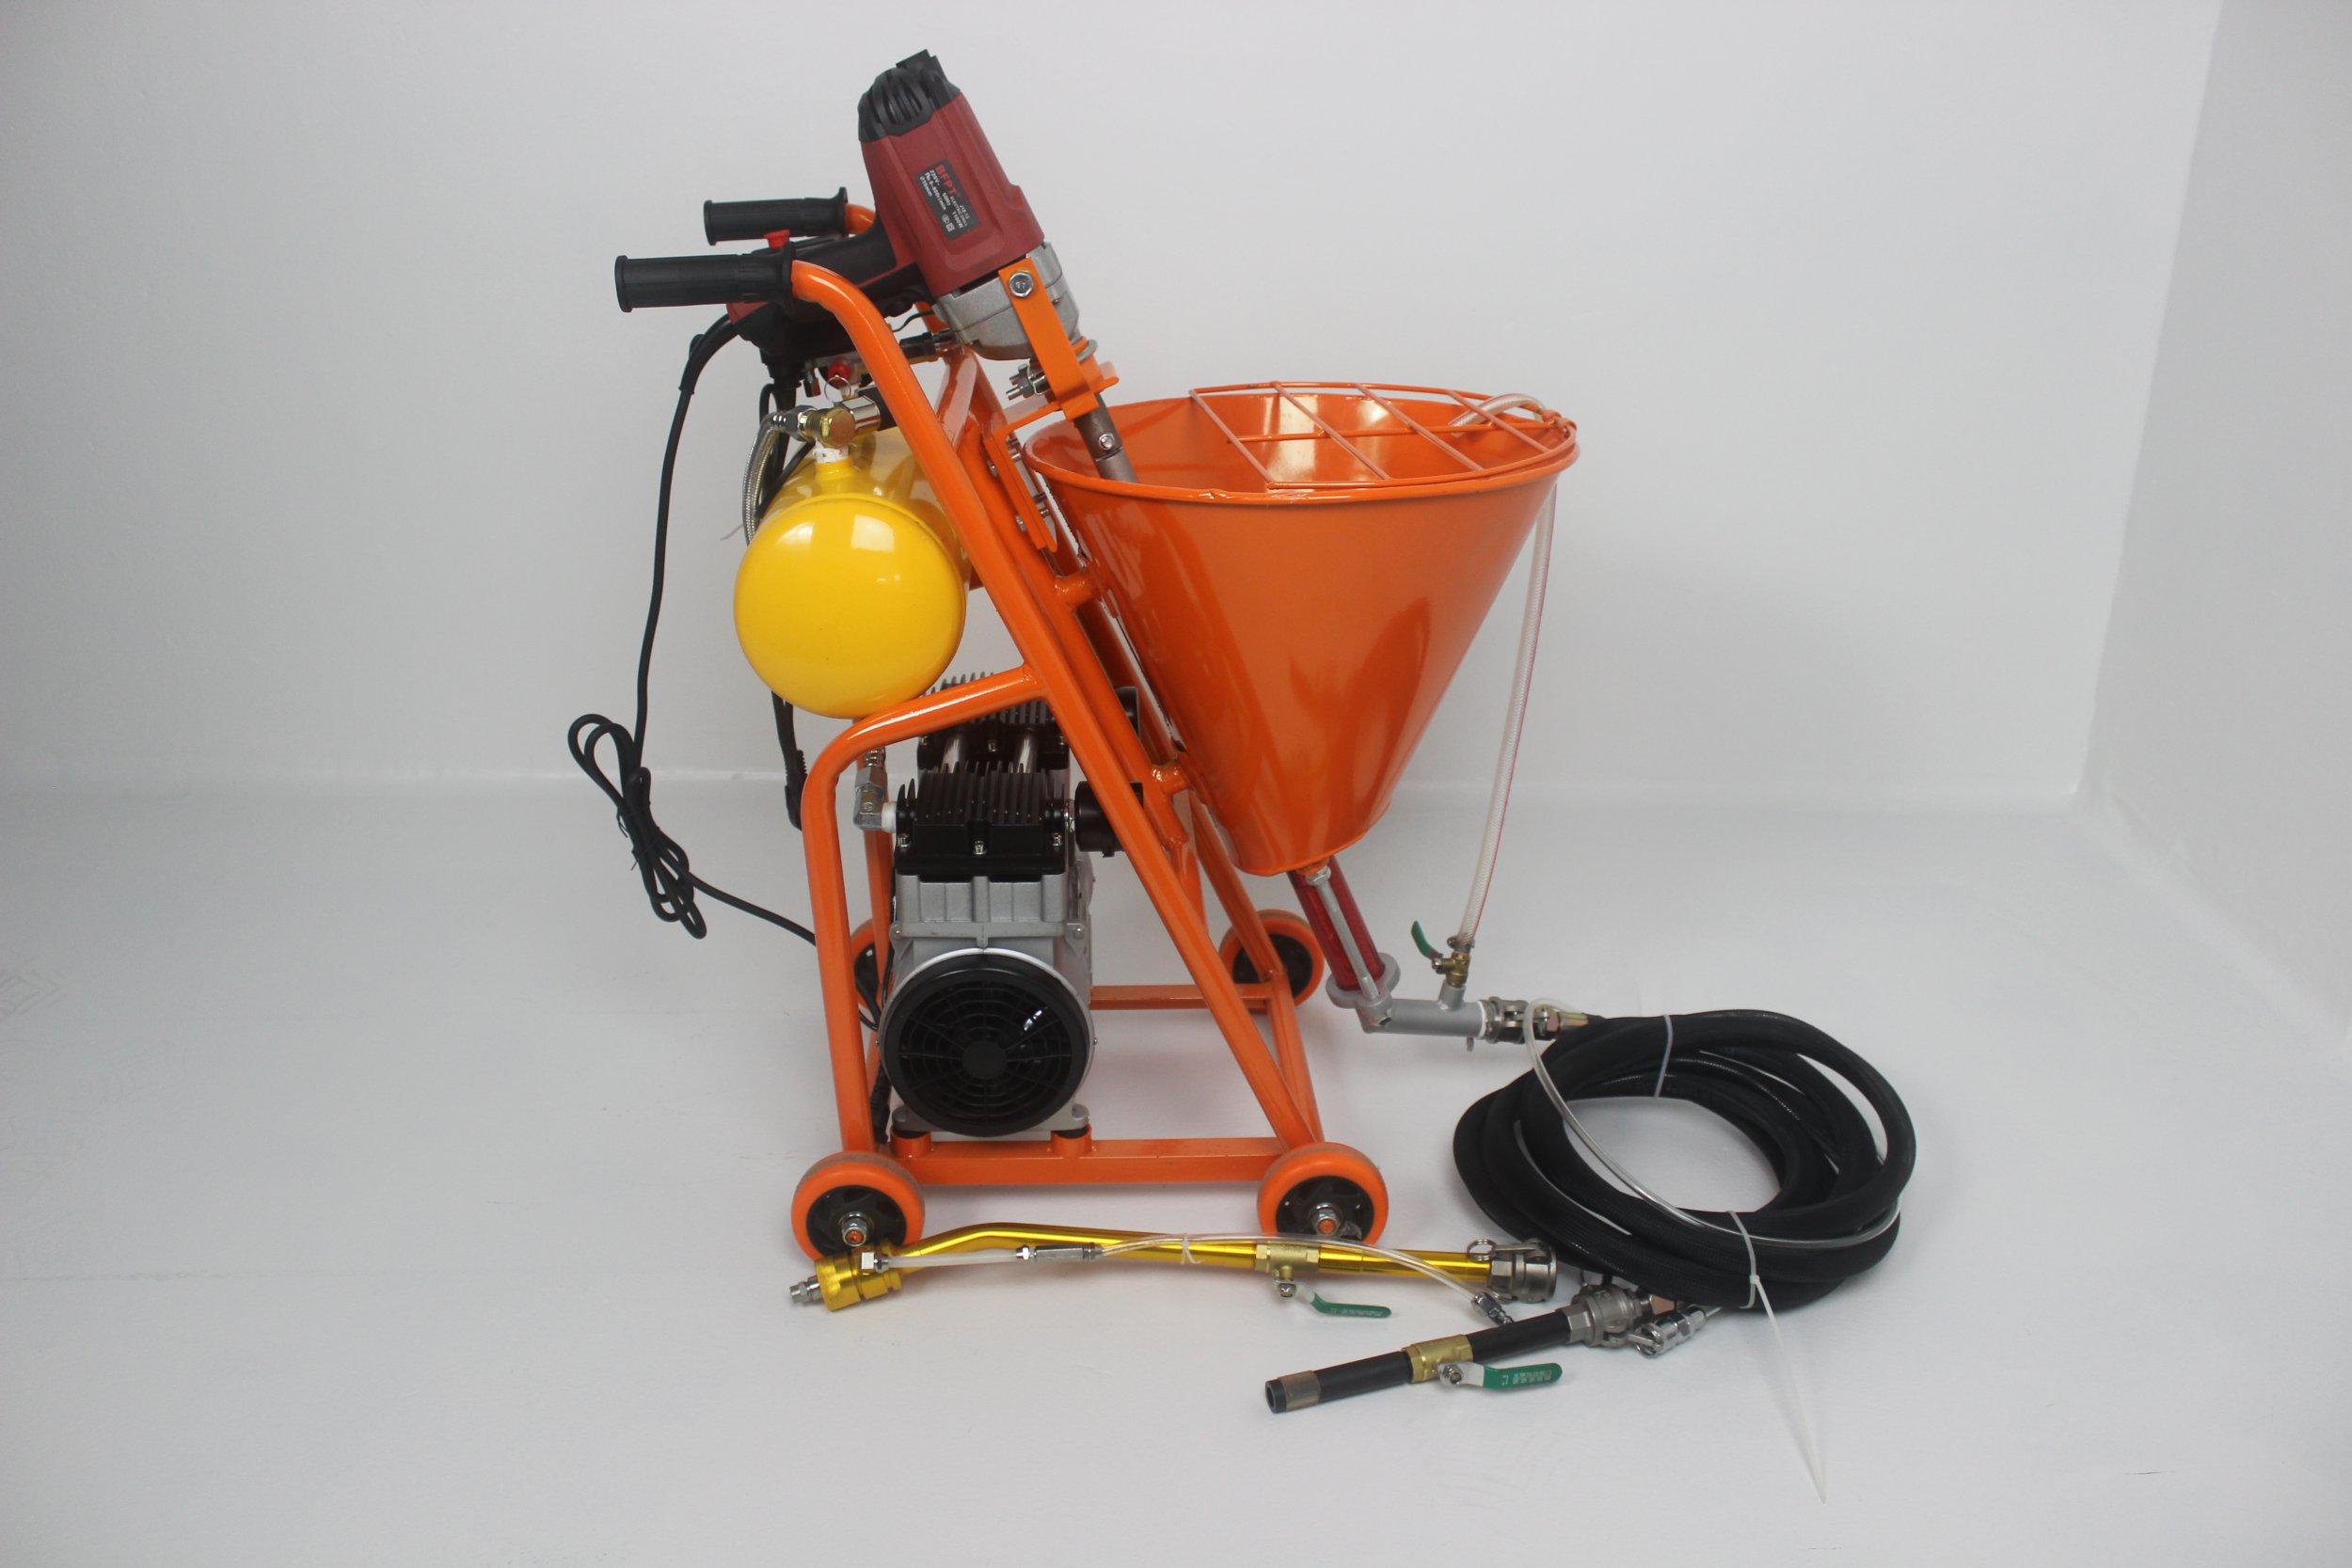 SL-700-1水泥砂浆喷涂机